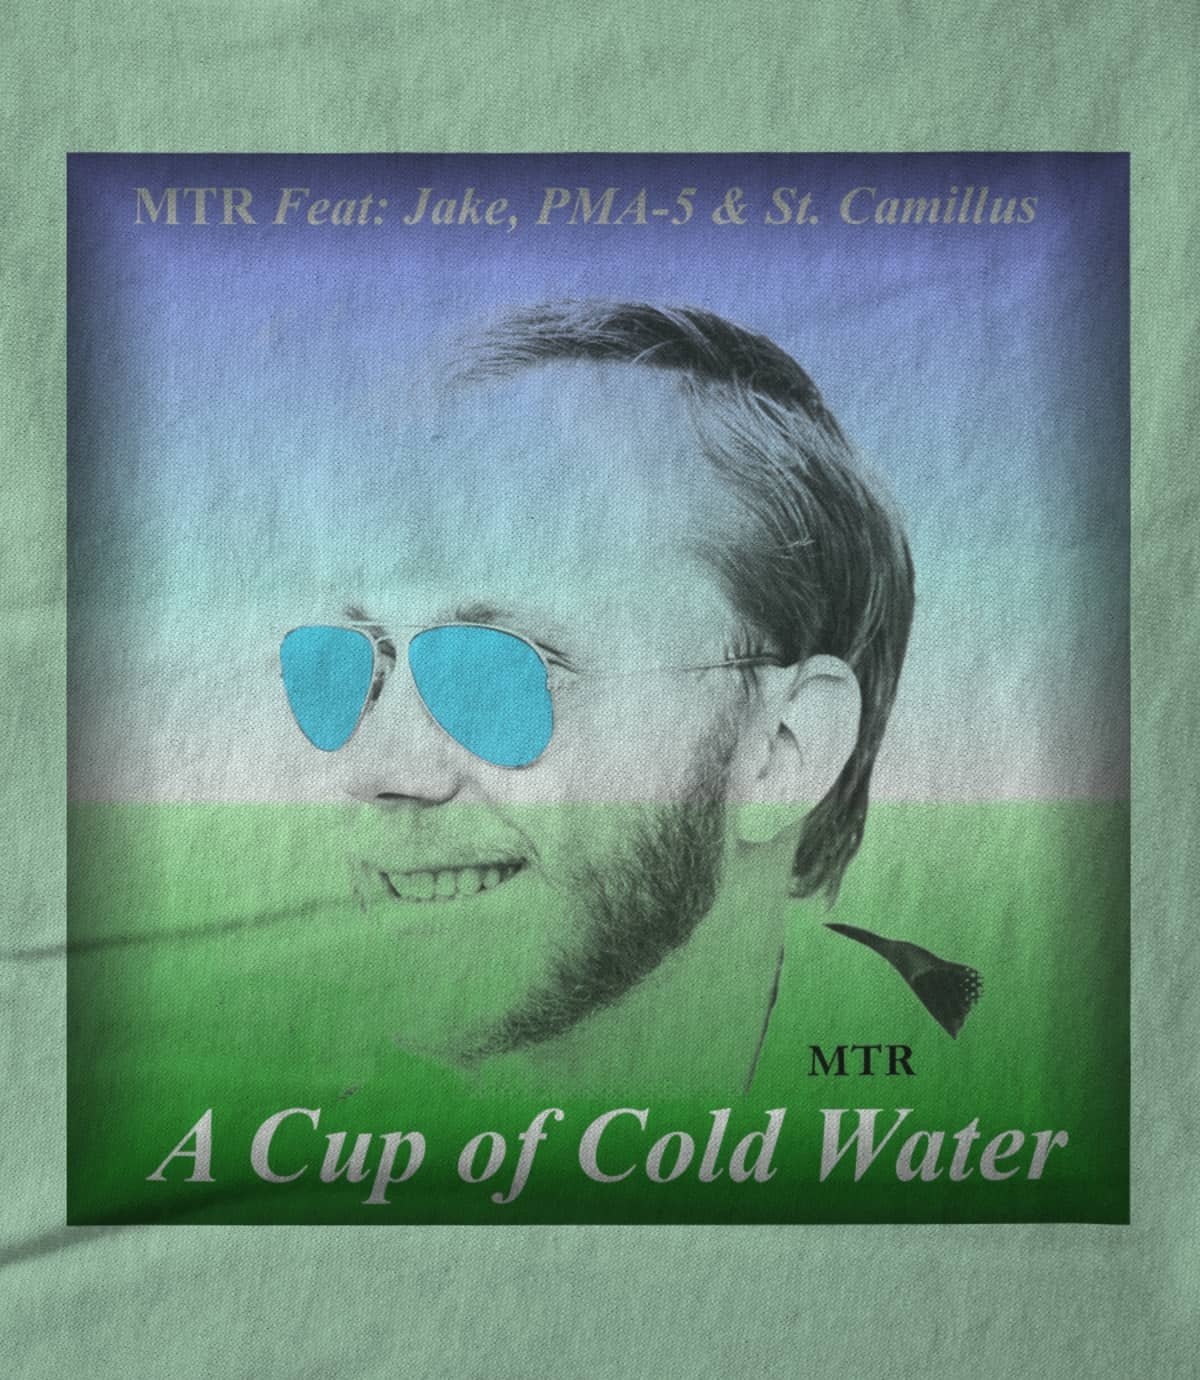 Michael resch  a cup of cold water  3d album art 1607885246